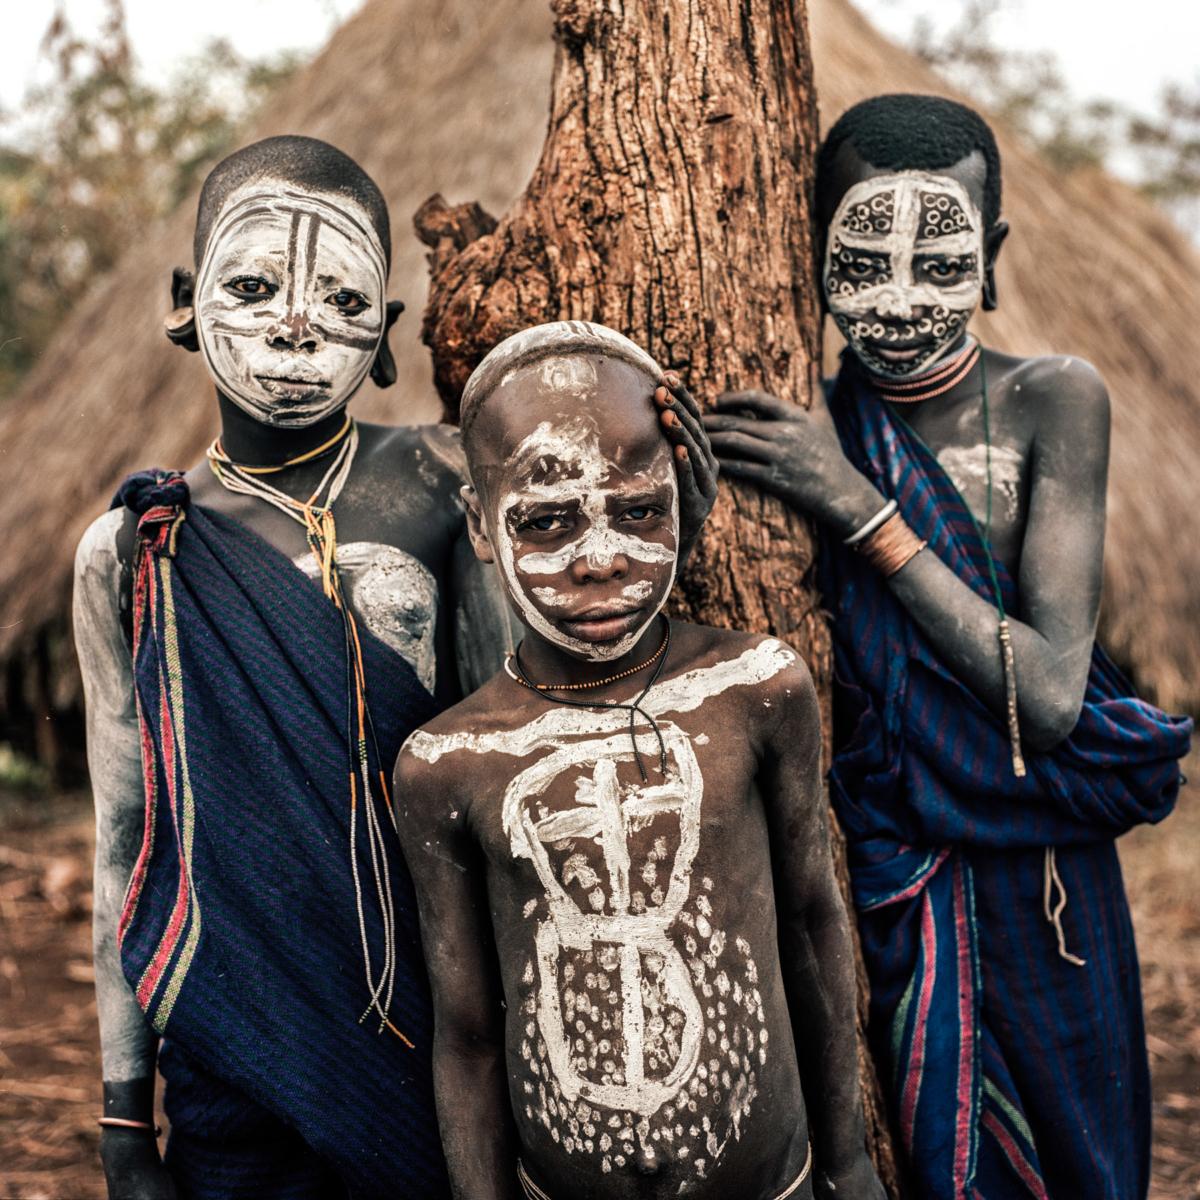 Surmas #14, Ethiopie, 2011 Photographie Fine Art print sur papier Hahnemühle 100 x 100 cm, SG-SU14 ©Stephan Gladieu